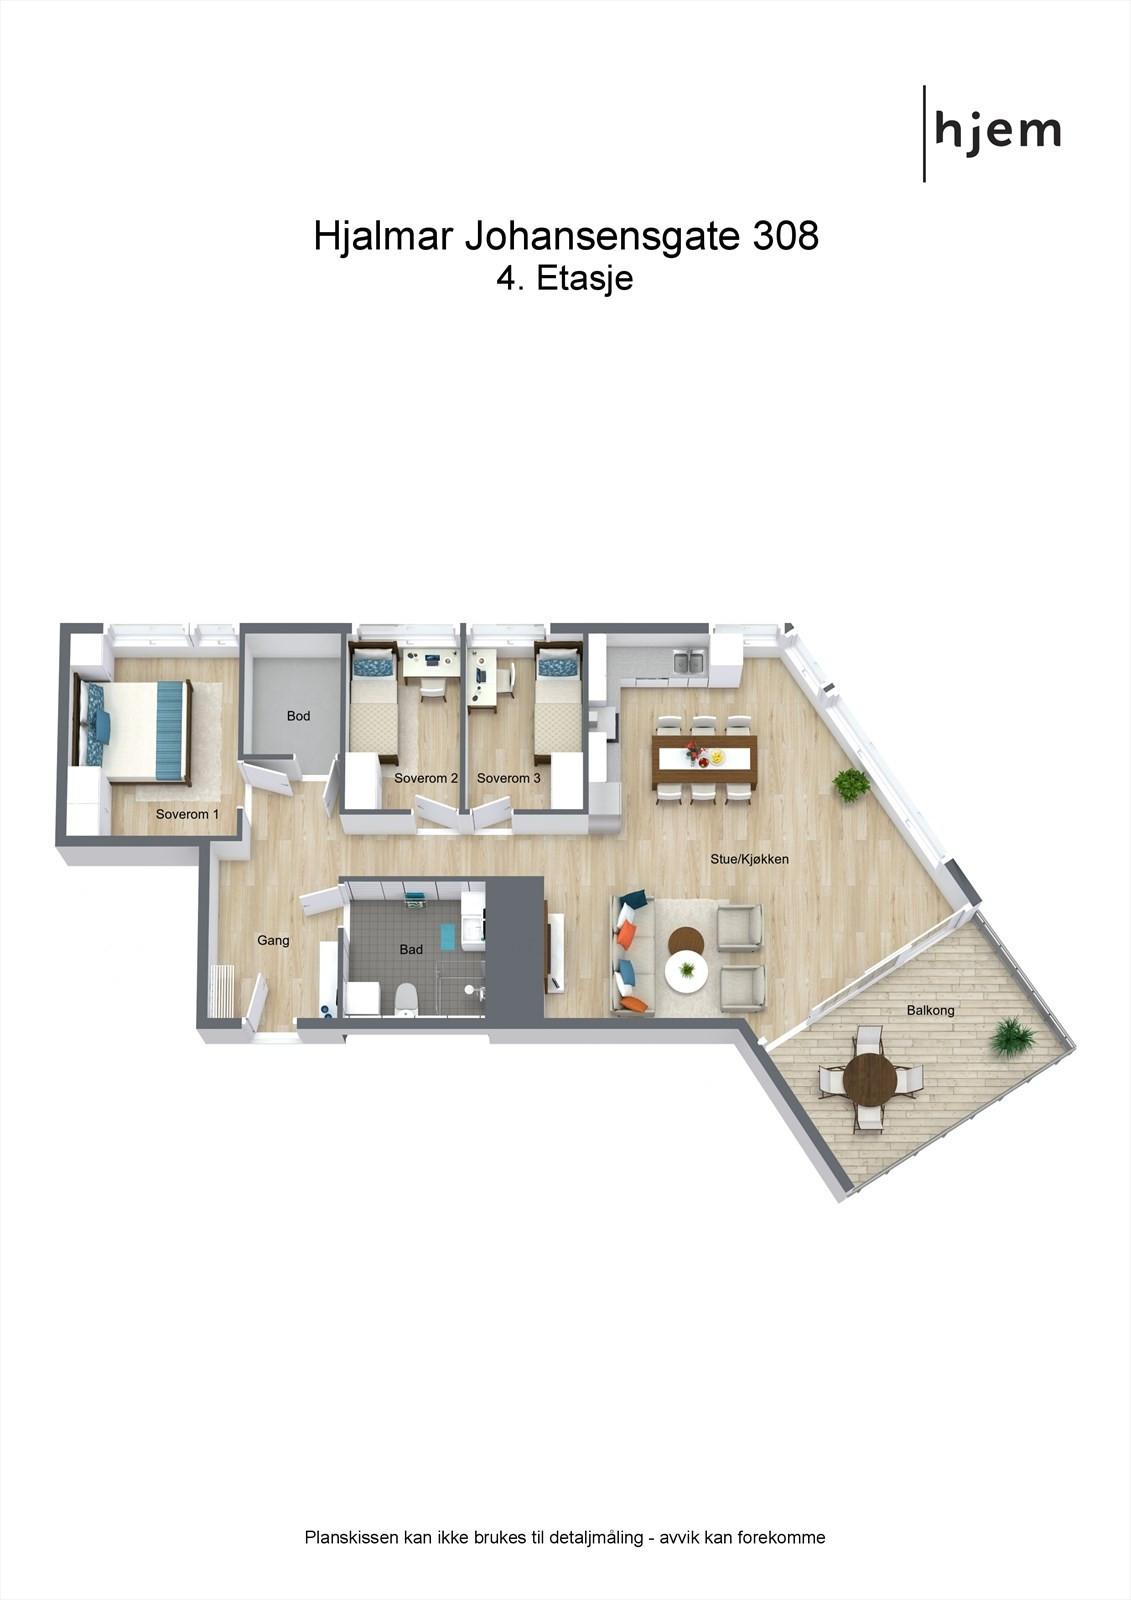 3D planillustrasjon av leiligheten.